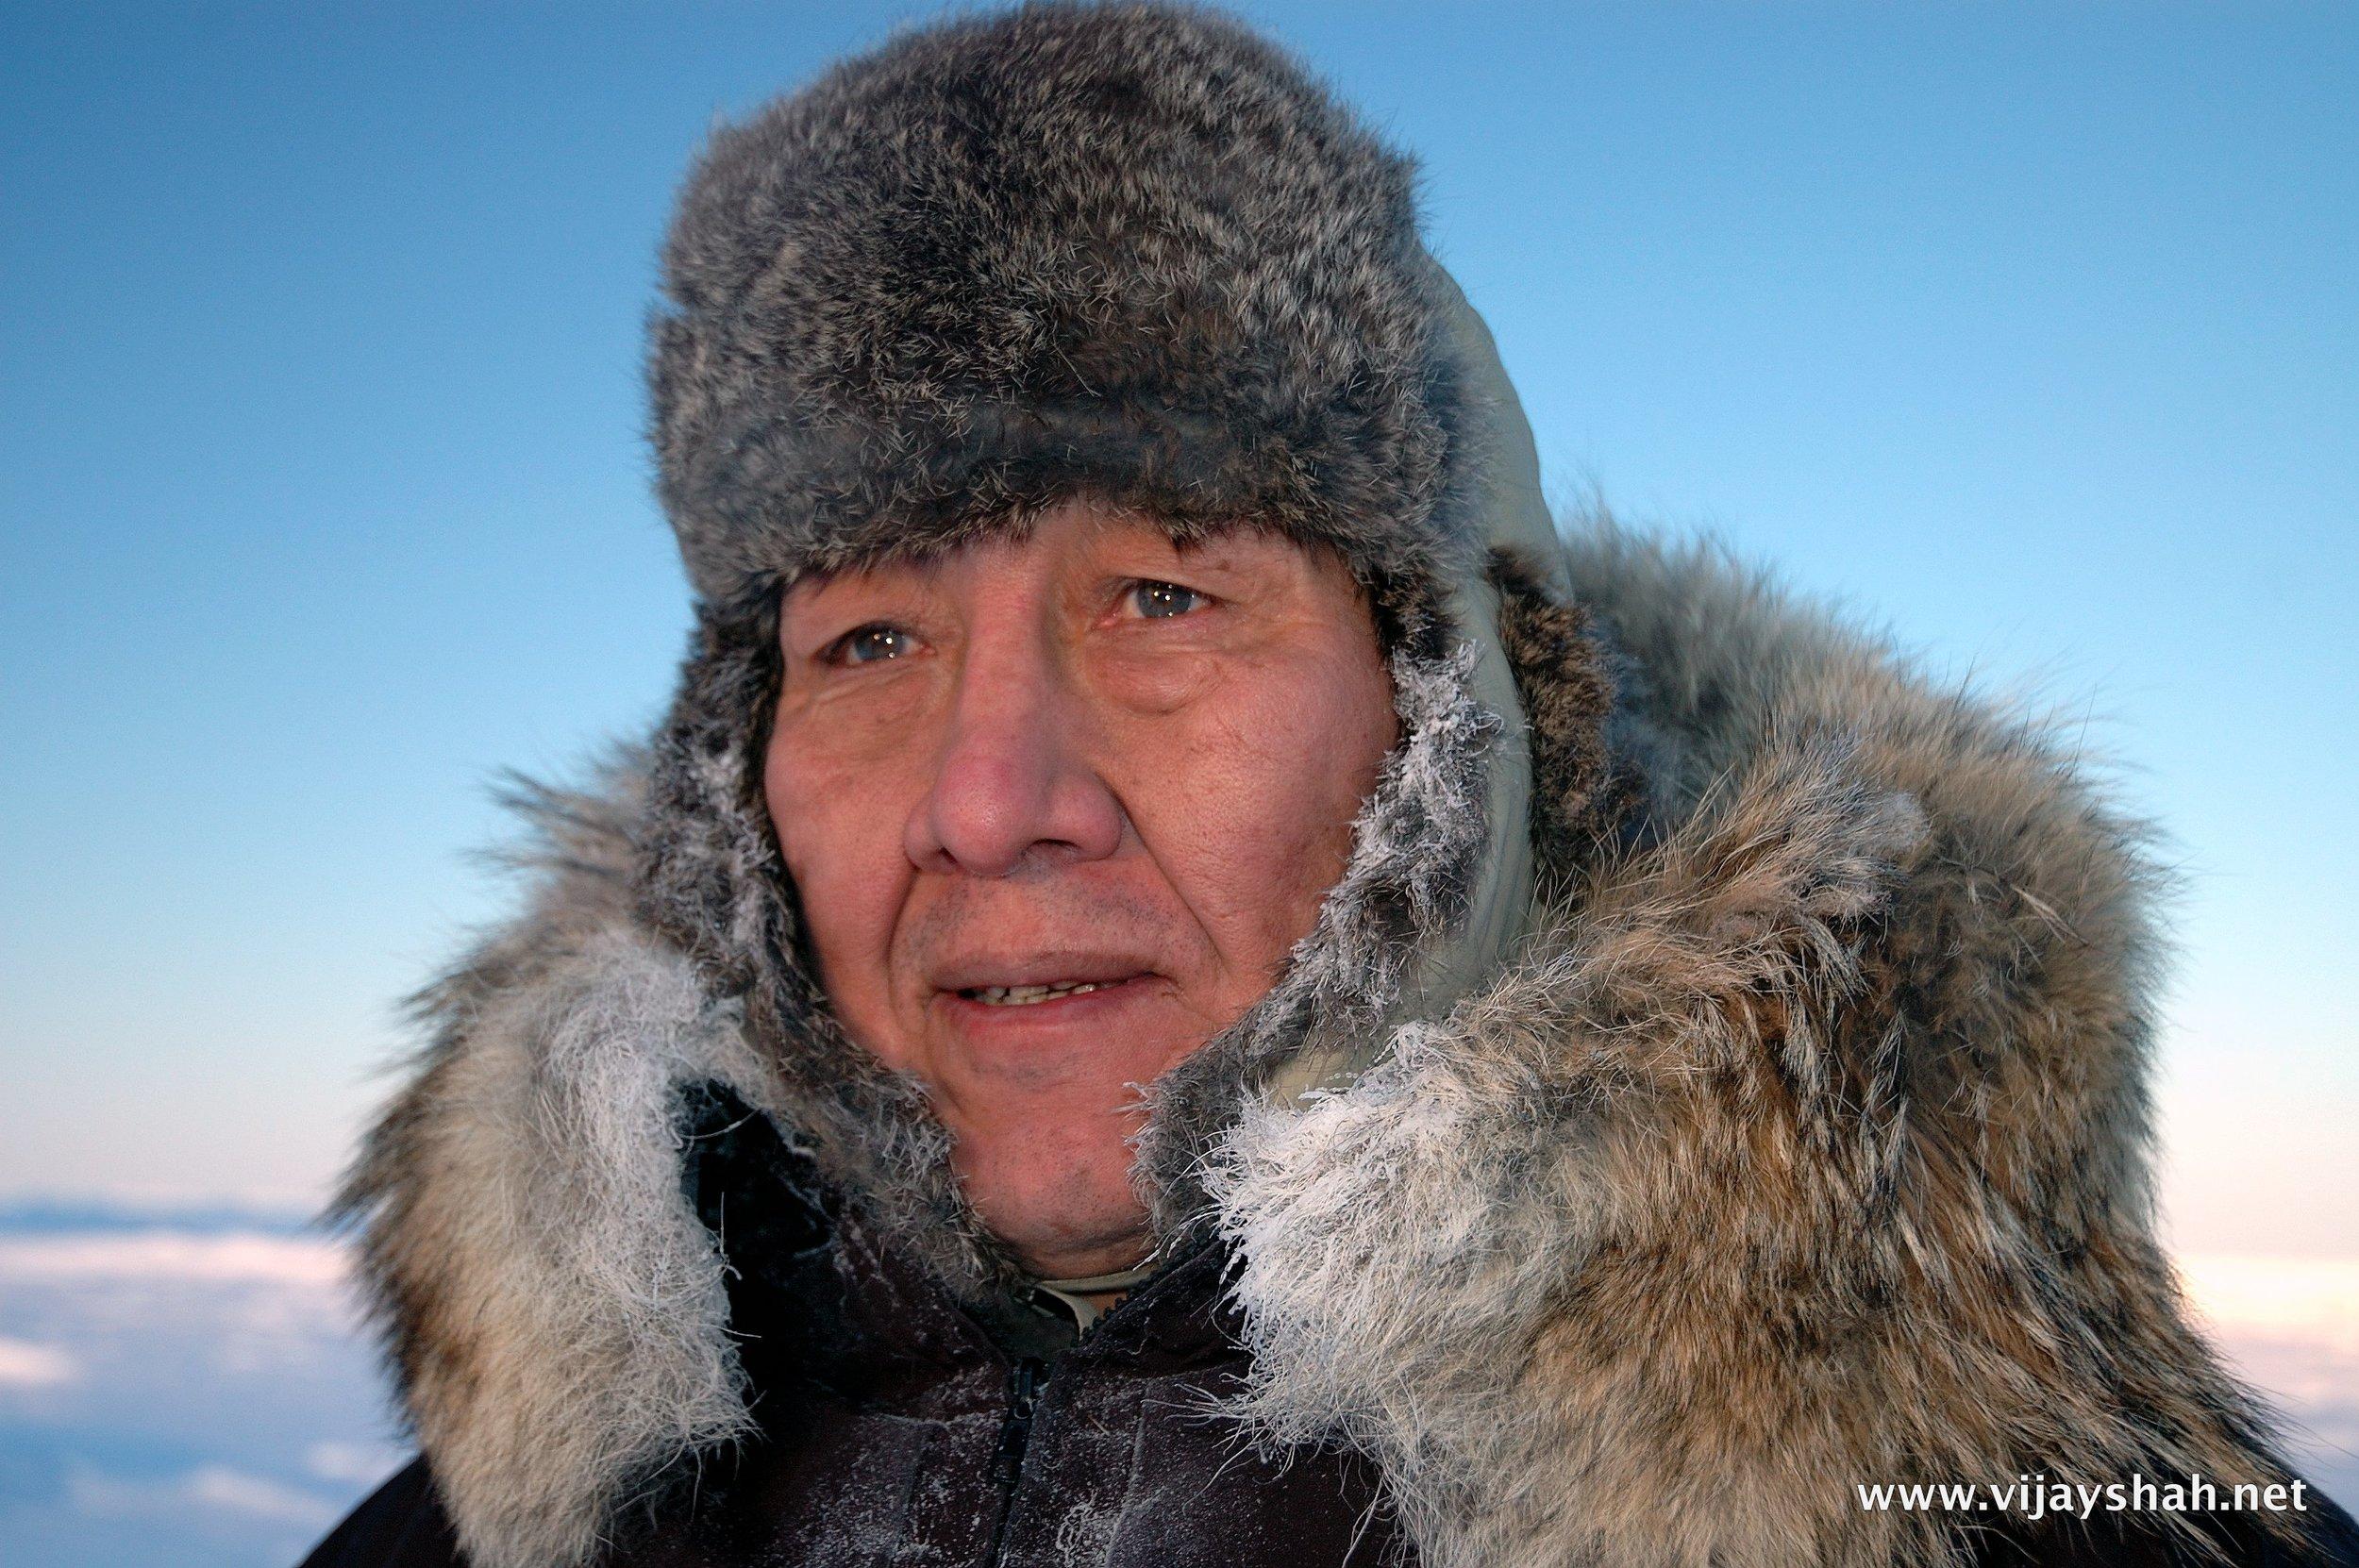 Billy of Qikiqtarjuaq